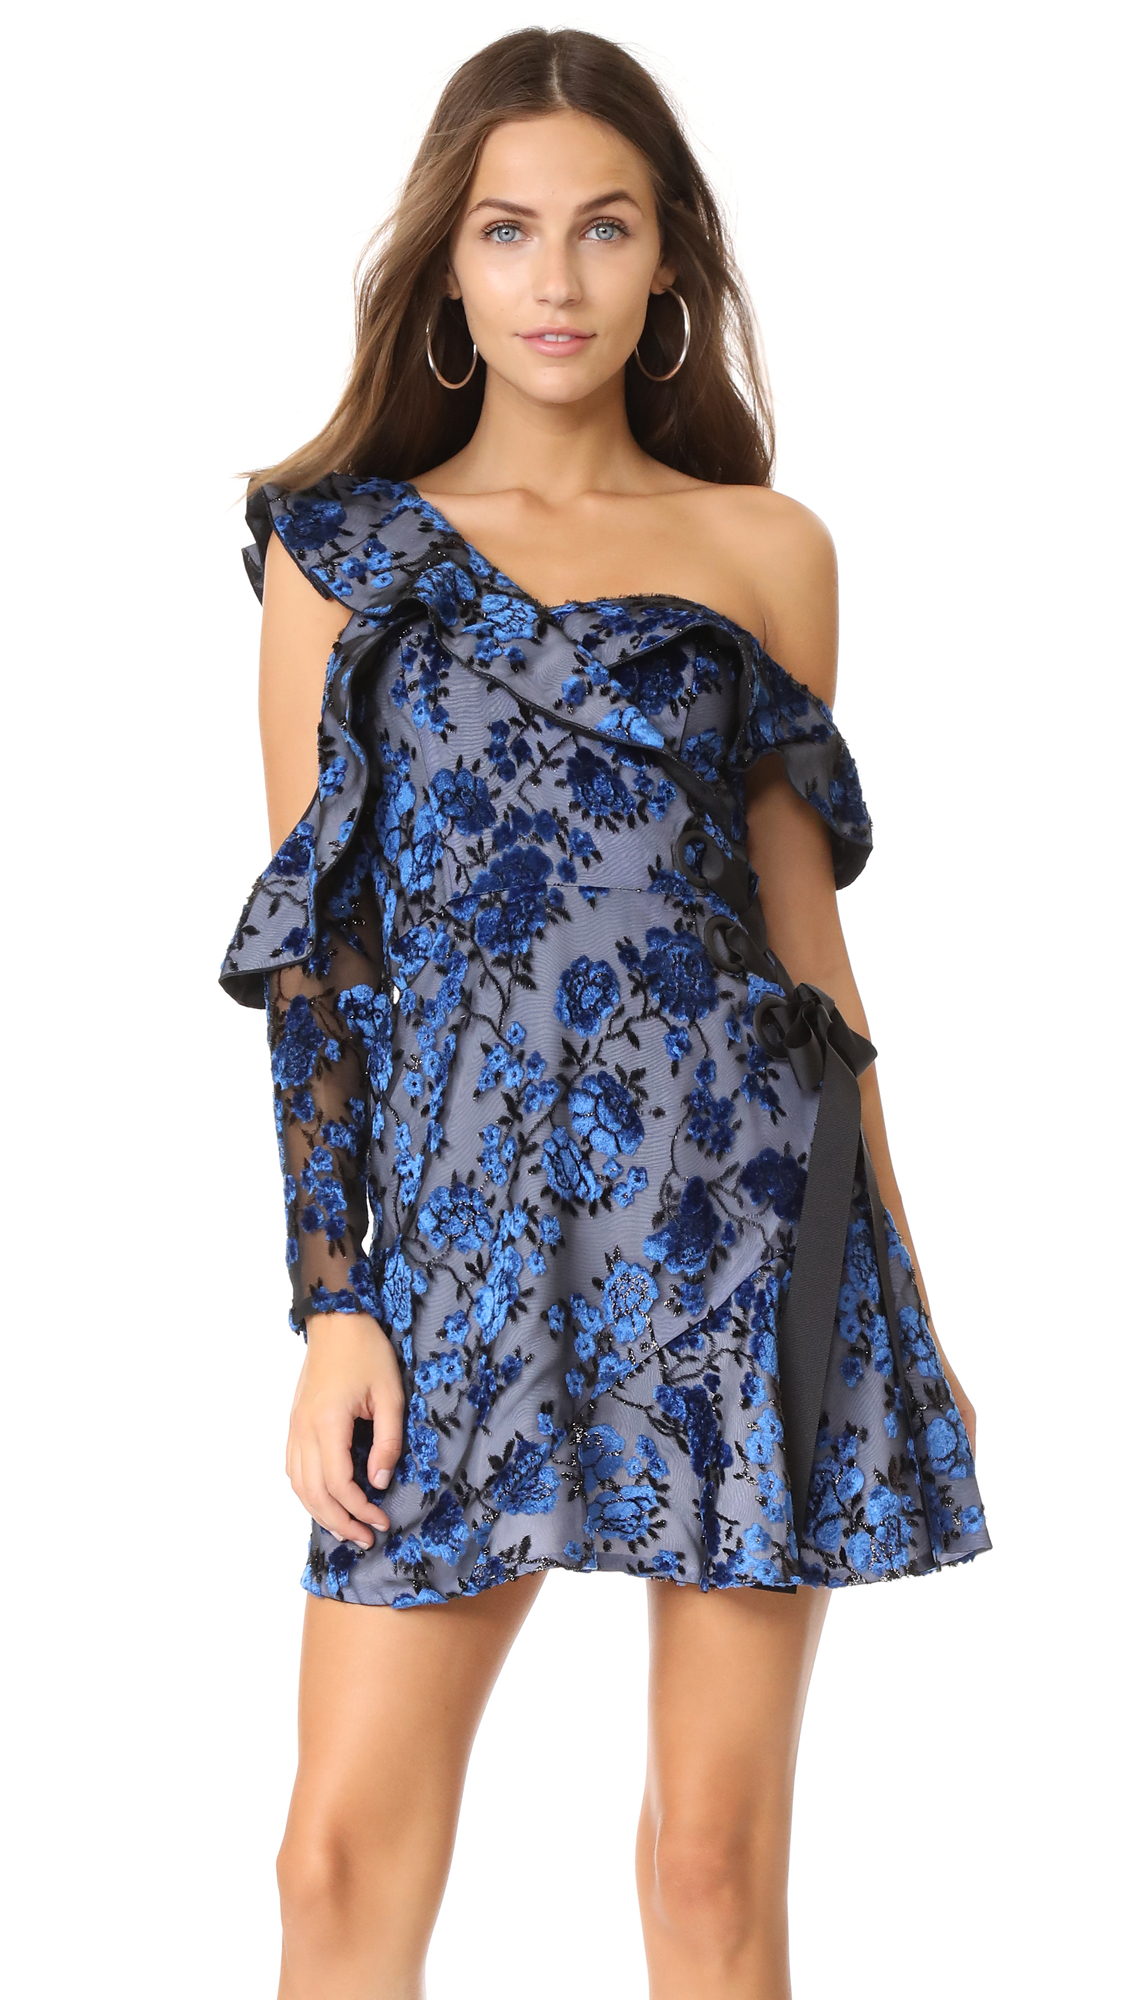 Self Portrait Eyelet Wrap Velvet Mini Dress - Turquoise Blue